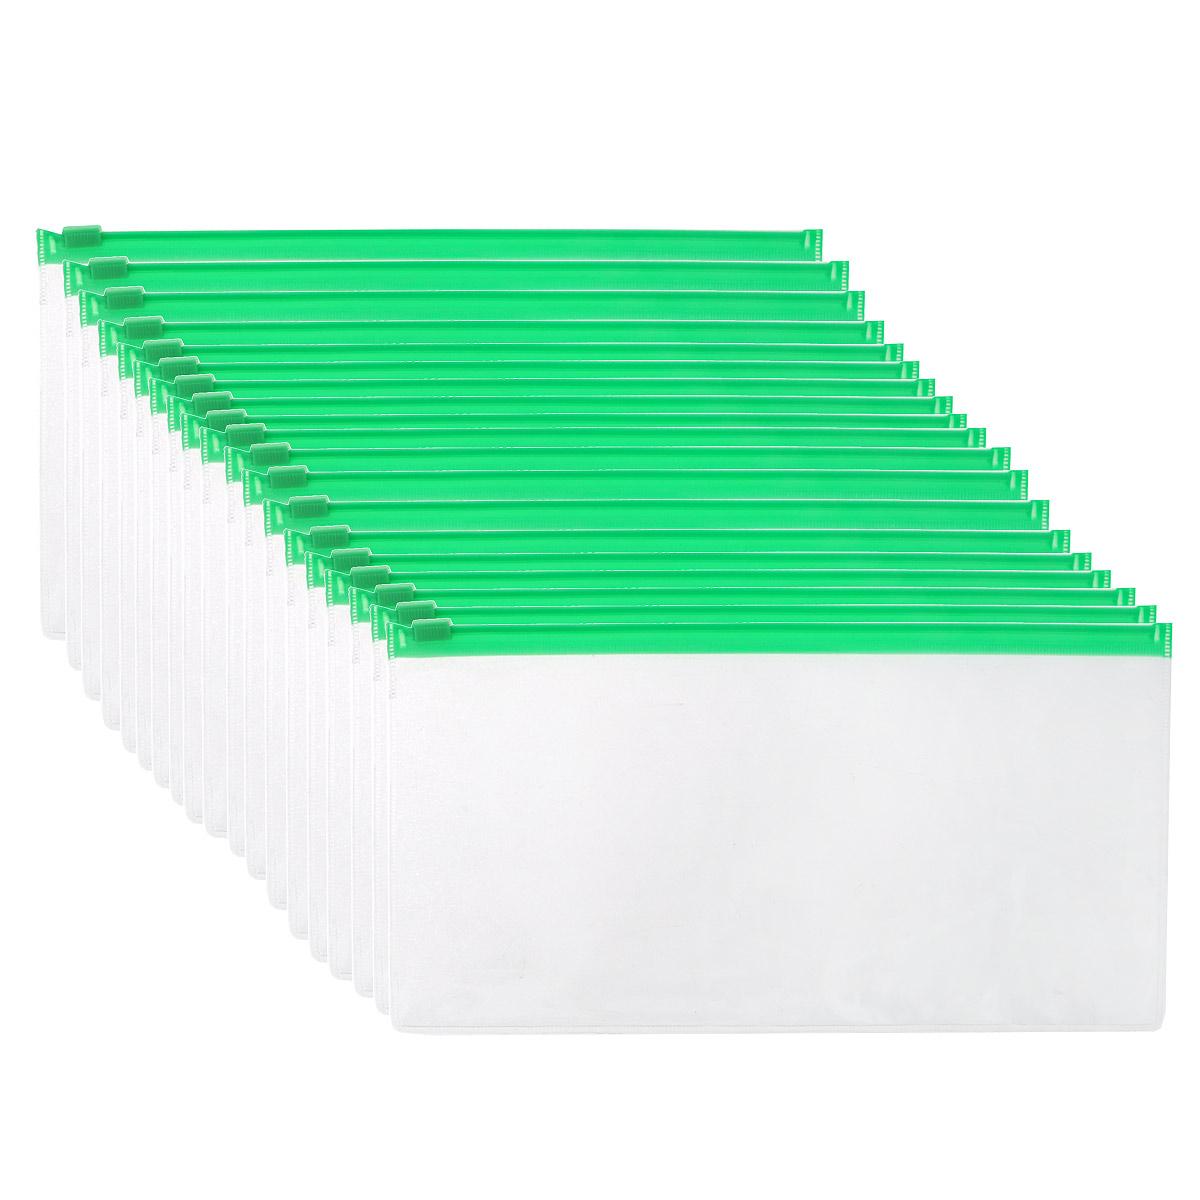 Centrum Папка-конверт на молнии цвет прозрачный зеленый 20 штFS-36052Папка-конверт Centrum - это удобный и практичный офисный инструмент, предназначенный для хранения и транспортировки рабочих бумаг и документов.Папка изготовлена из прозрачного пластика, закрывается на практичную застежку-молнию, имеет опрятный и неброский вид. В комплект входят 20 папок. Папка-конверт - это незаменимый атрибут для студента, школьника, офисного работника. Такая папка надежно сохранит ваши документы и сбережет их от повреждений, пыли и влаги.